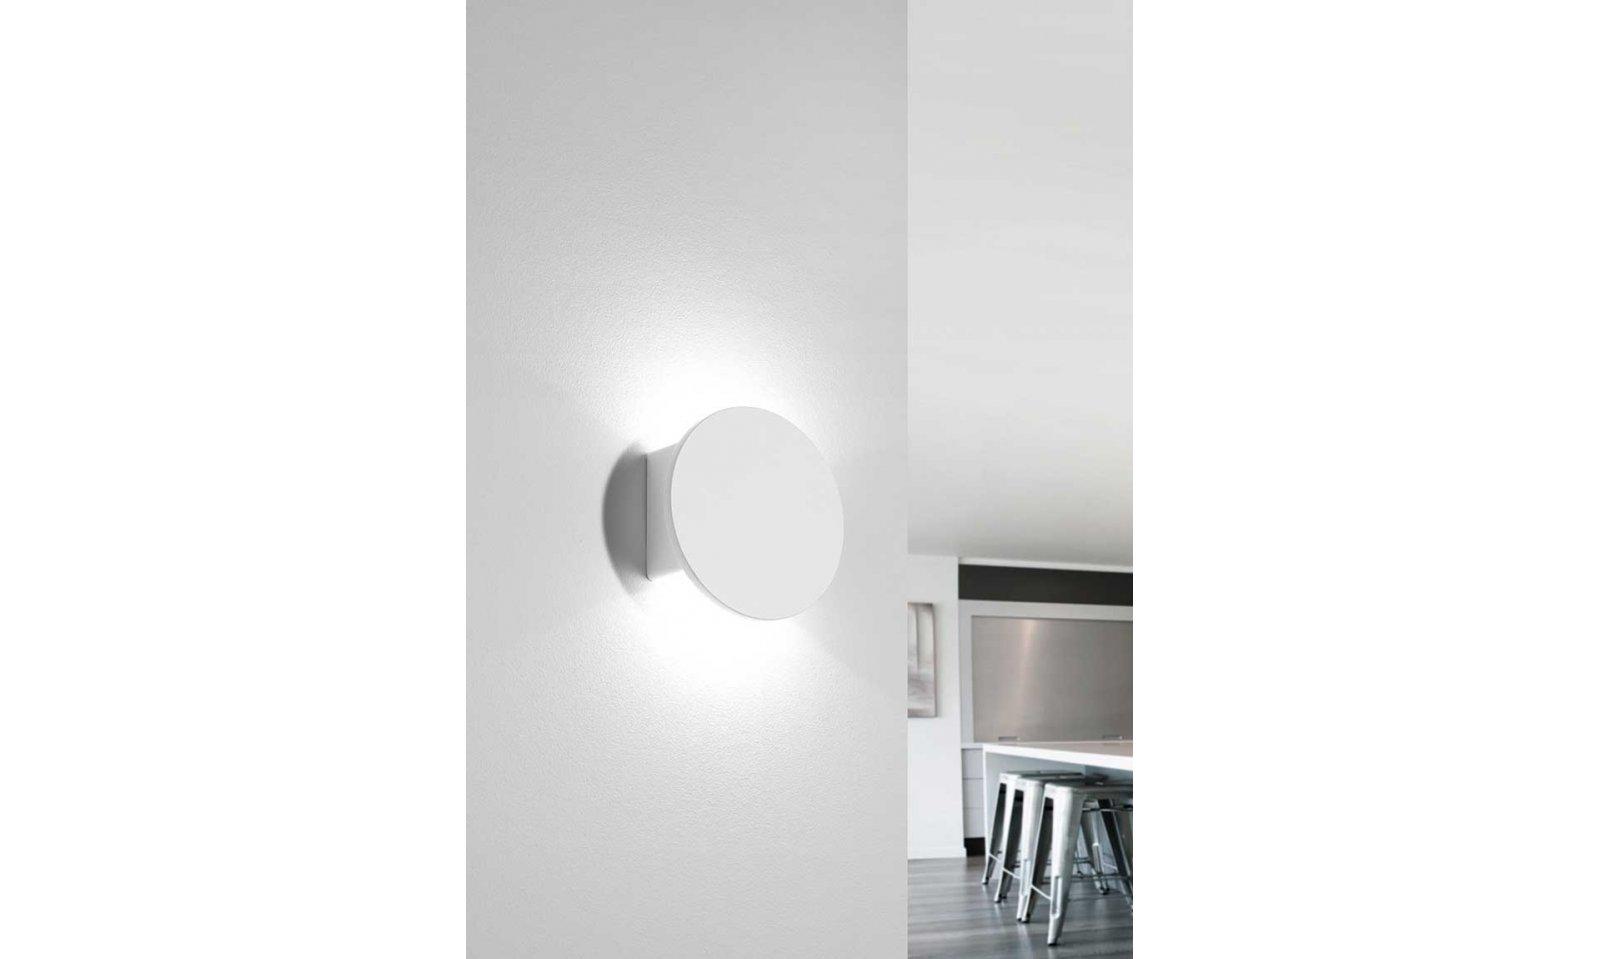 Sforzin illuminazione applique samos modulo led integrato